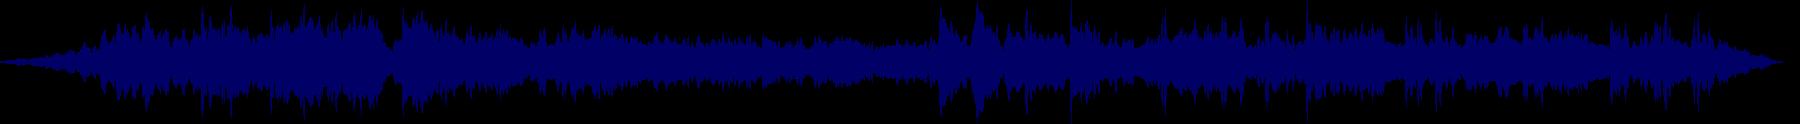 waveform of track #67728